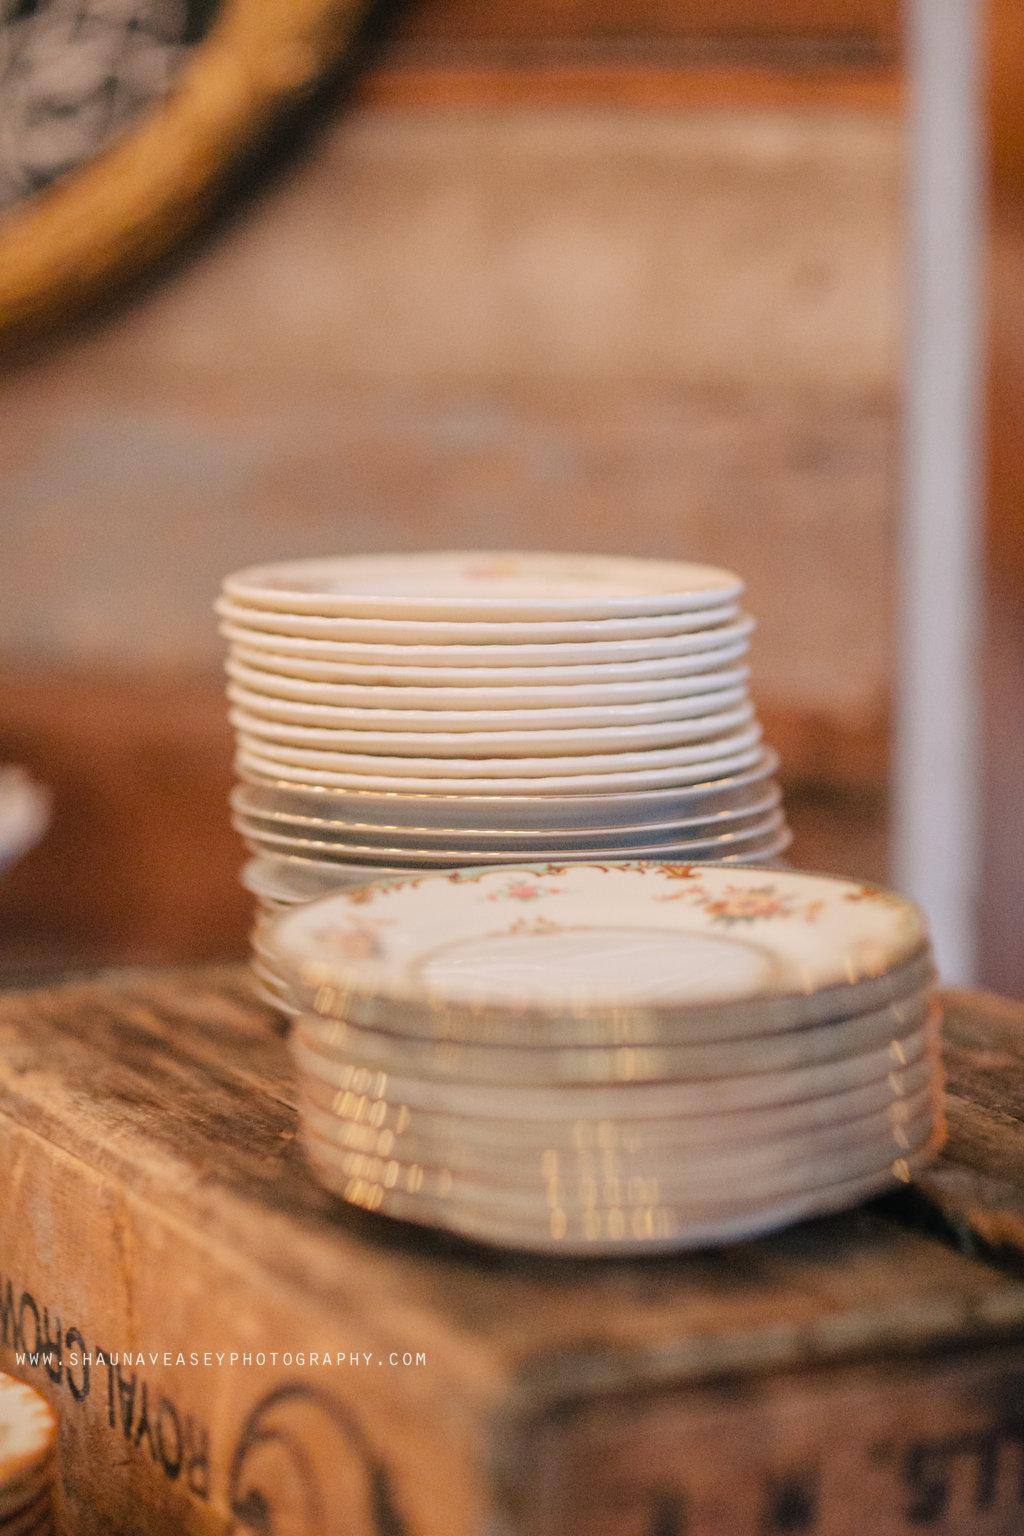 Southern Vintage Dessert Bar Plates